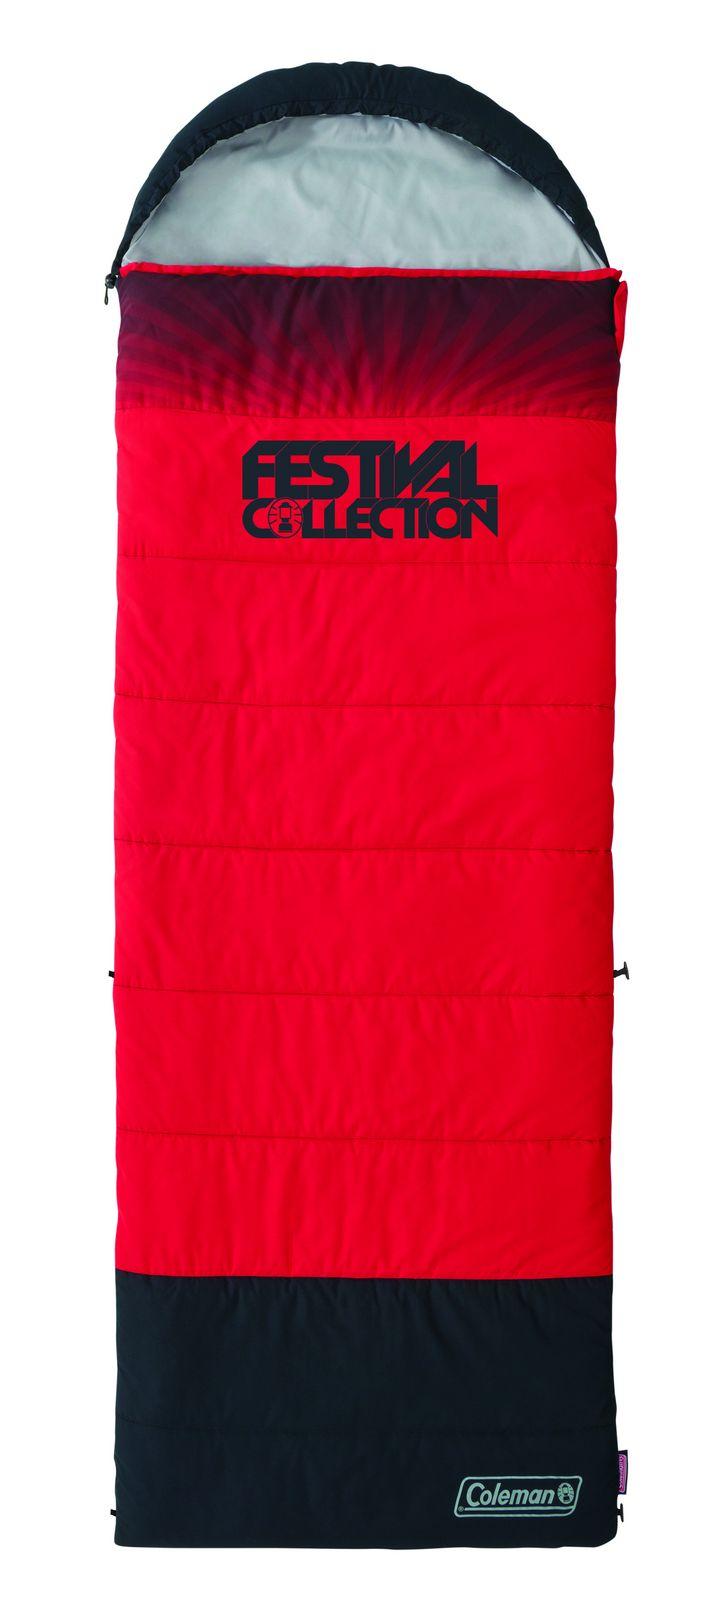 """Der """"Coleman Festival Single Schlafsack"""" wiegt 2 kg."""